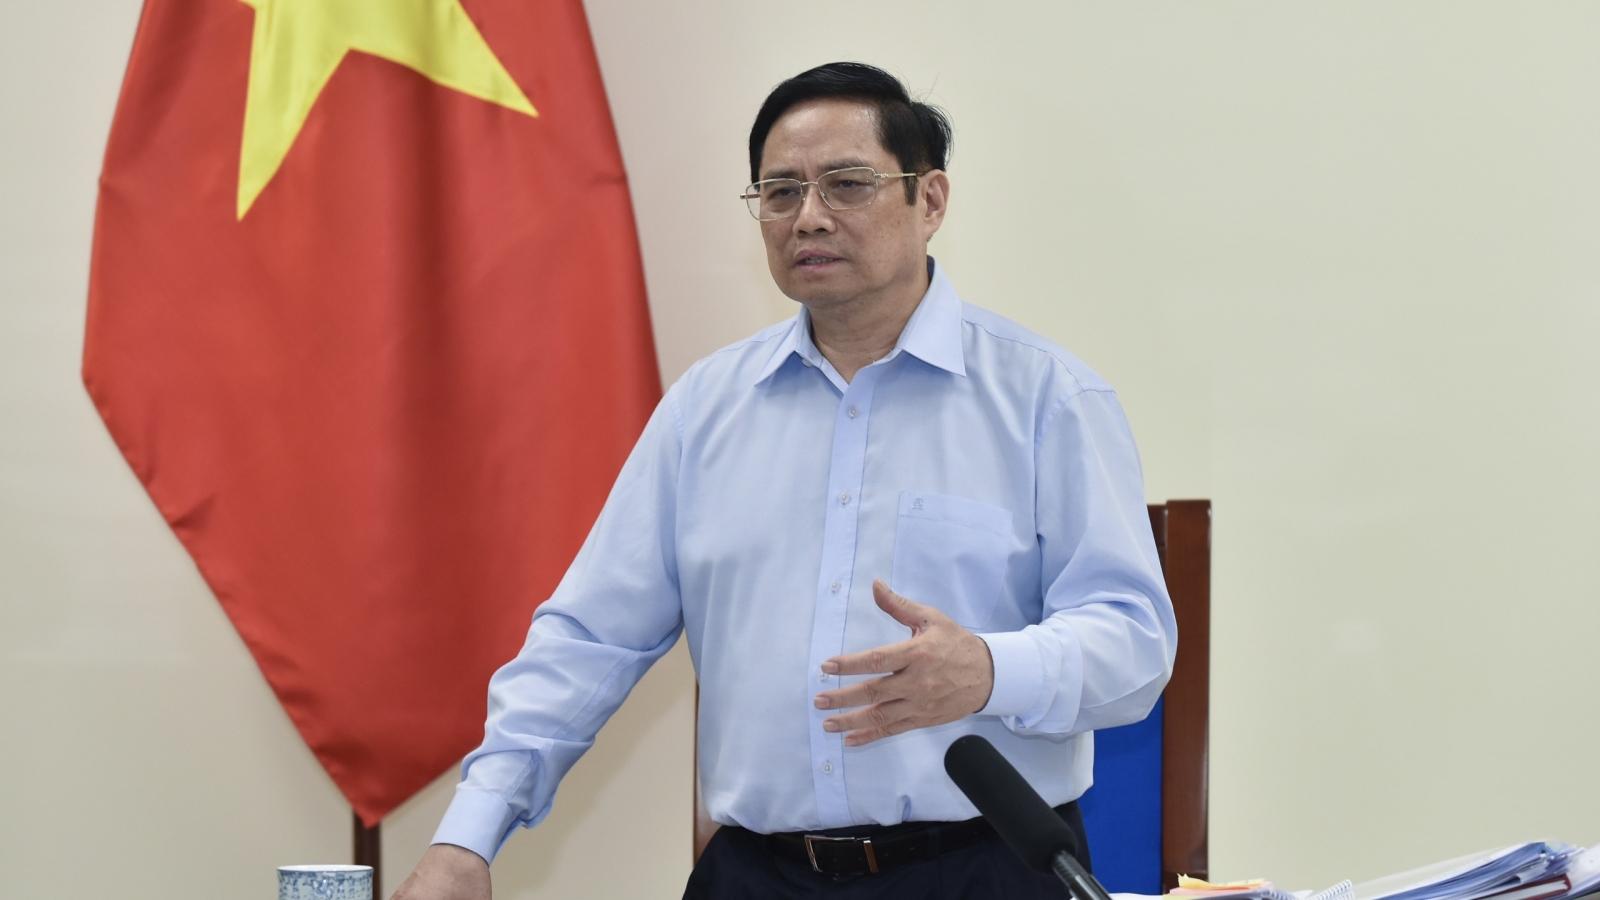 Thủ tướng làm việc trực tuyến với lãnh đạo tỉnh Phú Thọ, Sóc Trăng, Cà Mau